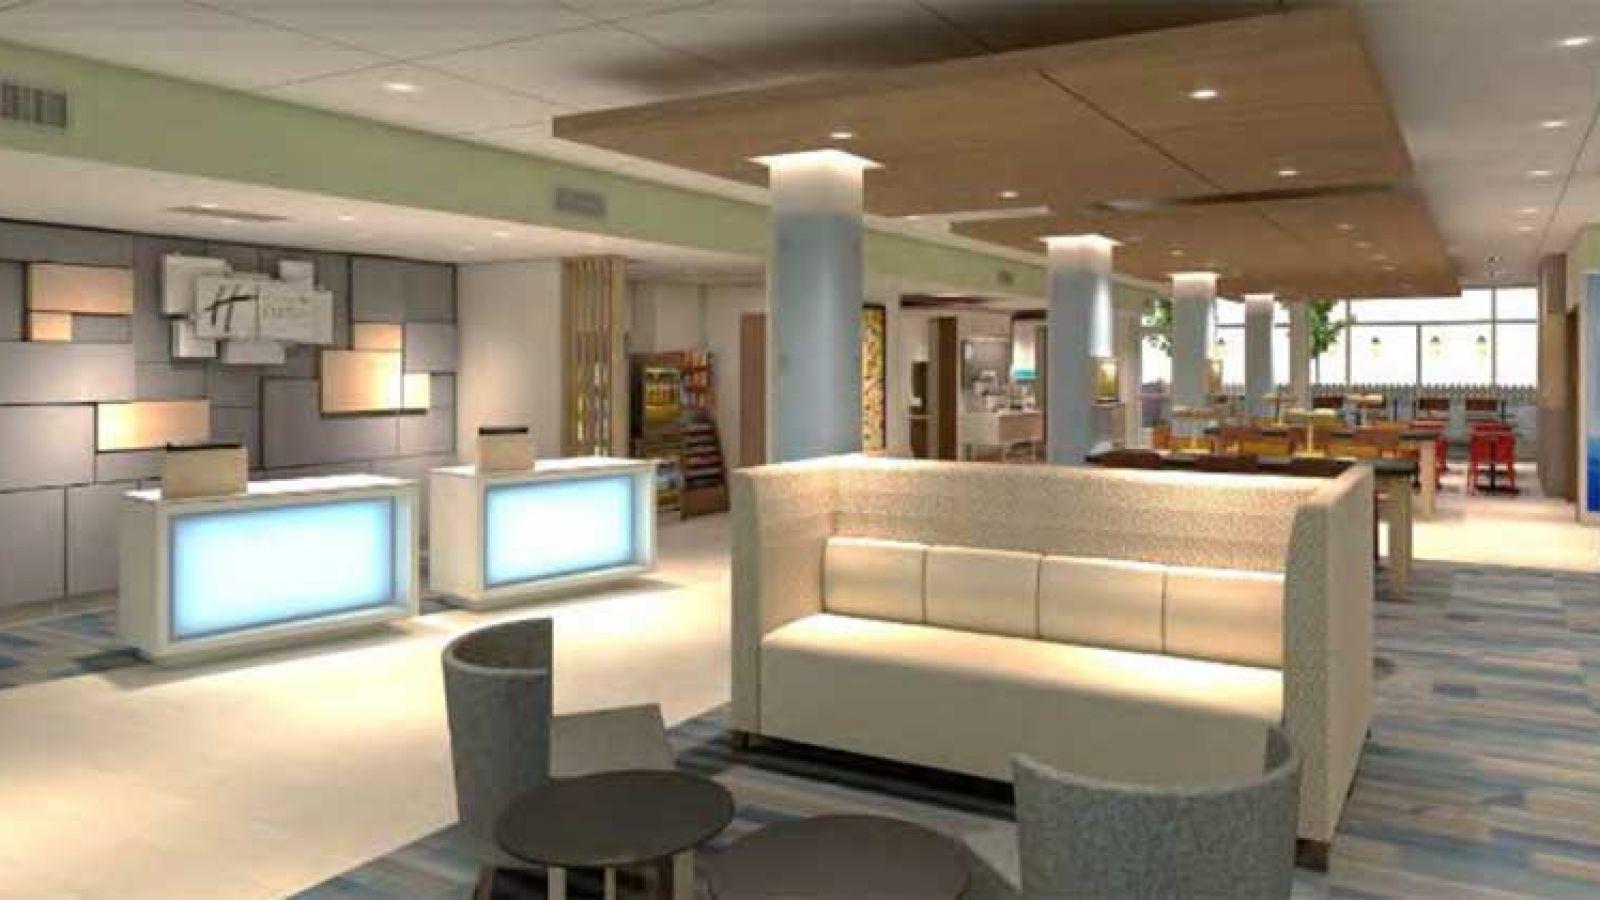 New Holiday Inn Express Kelowna - lobby area